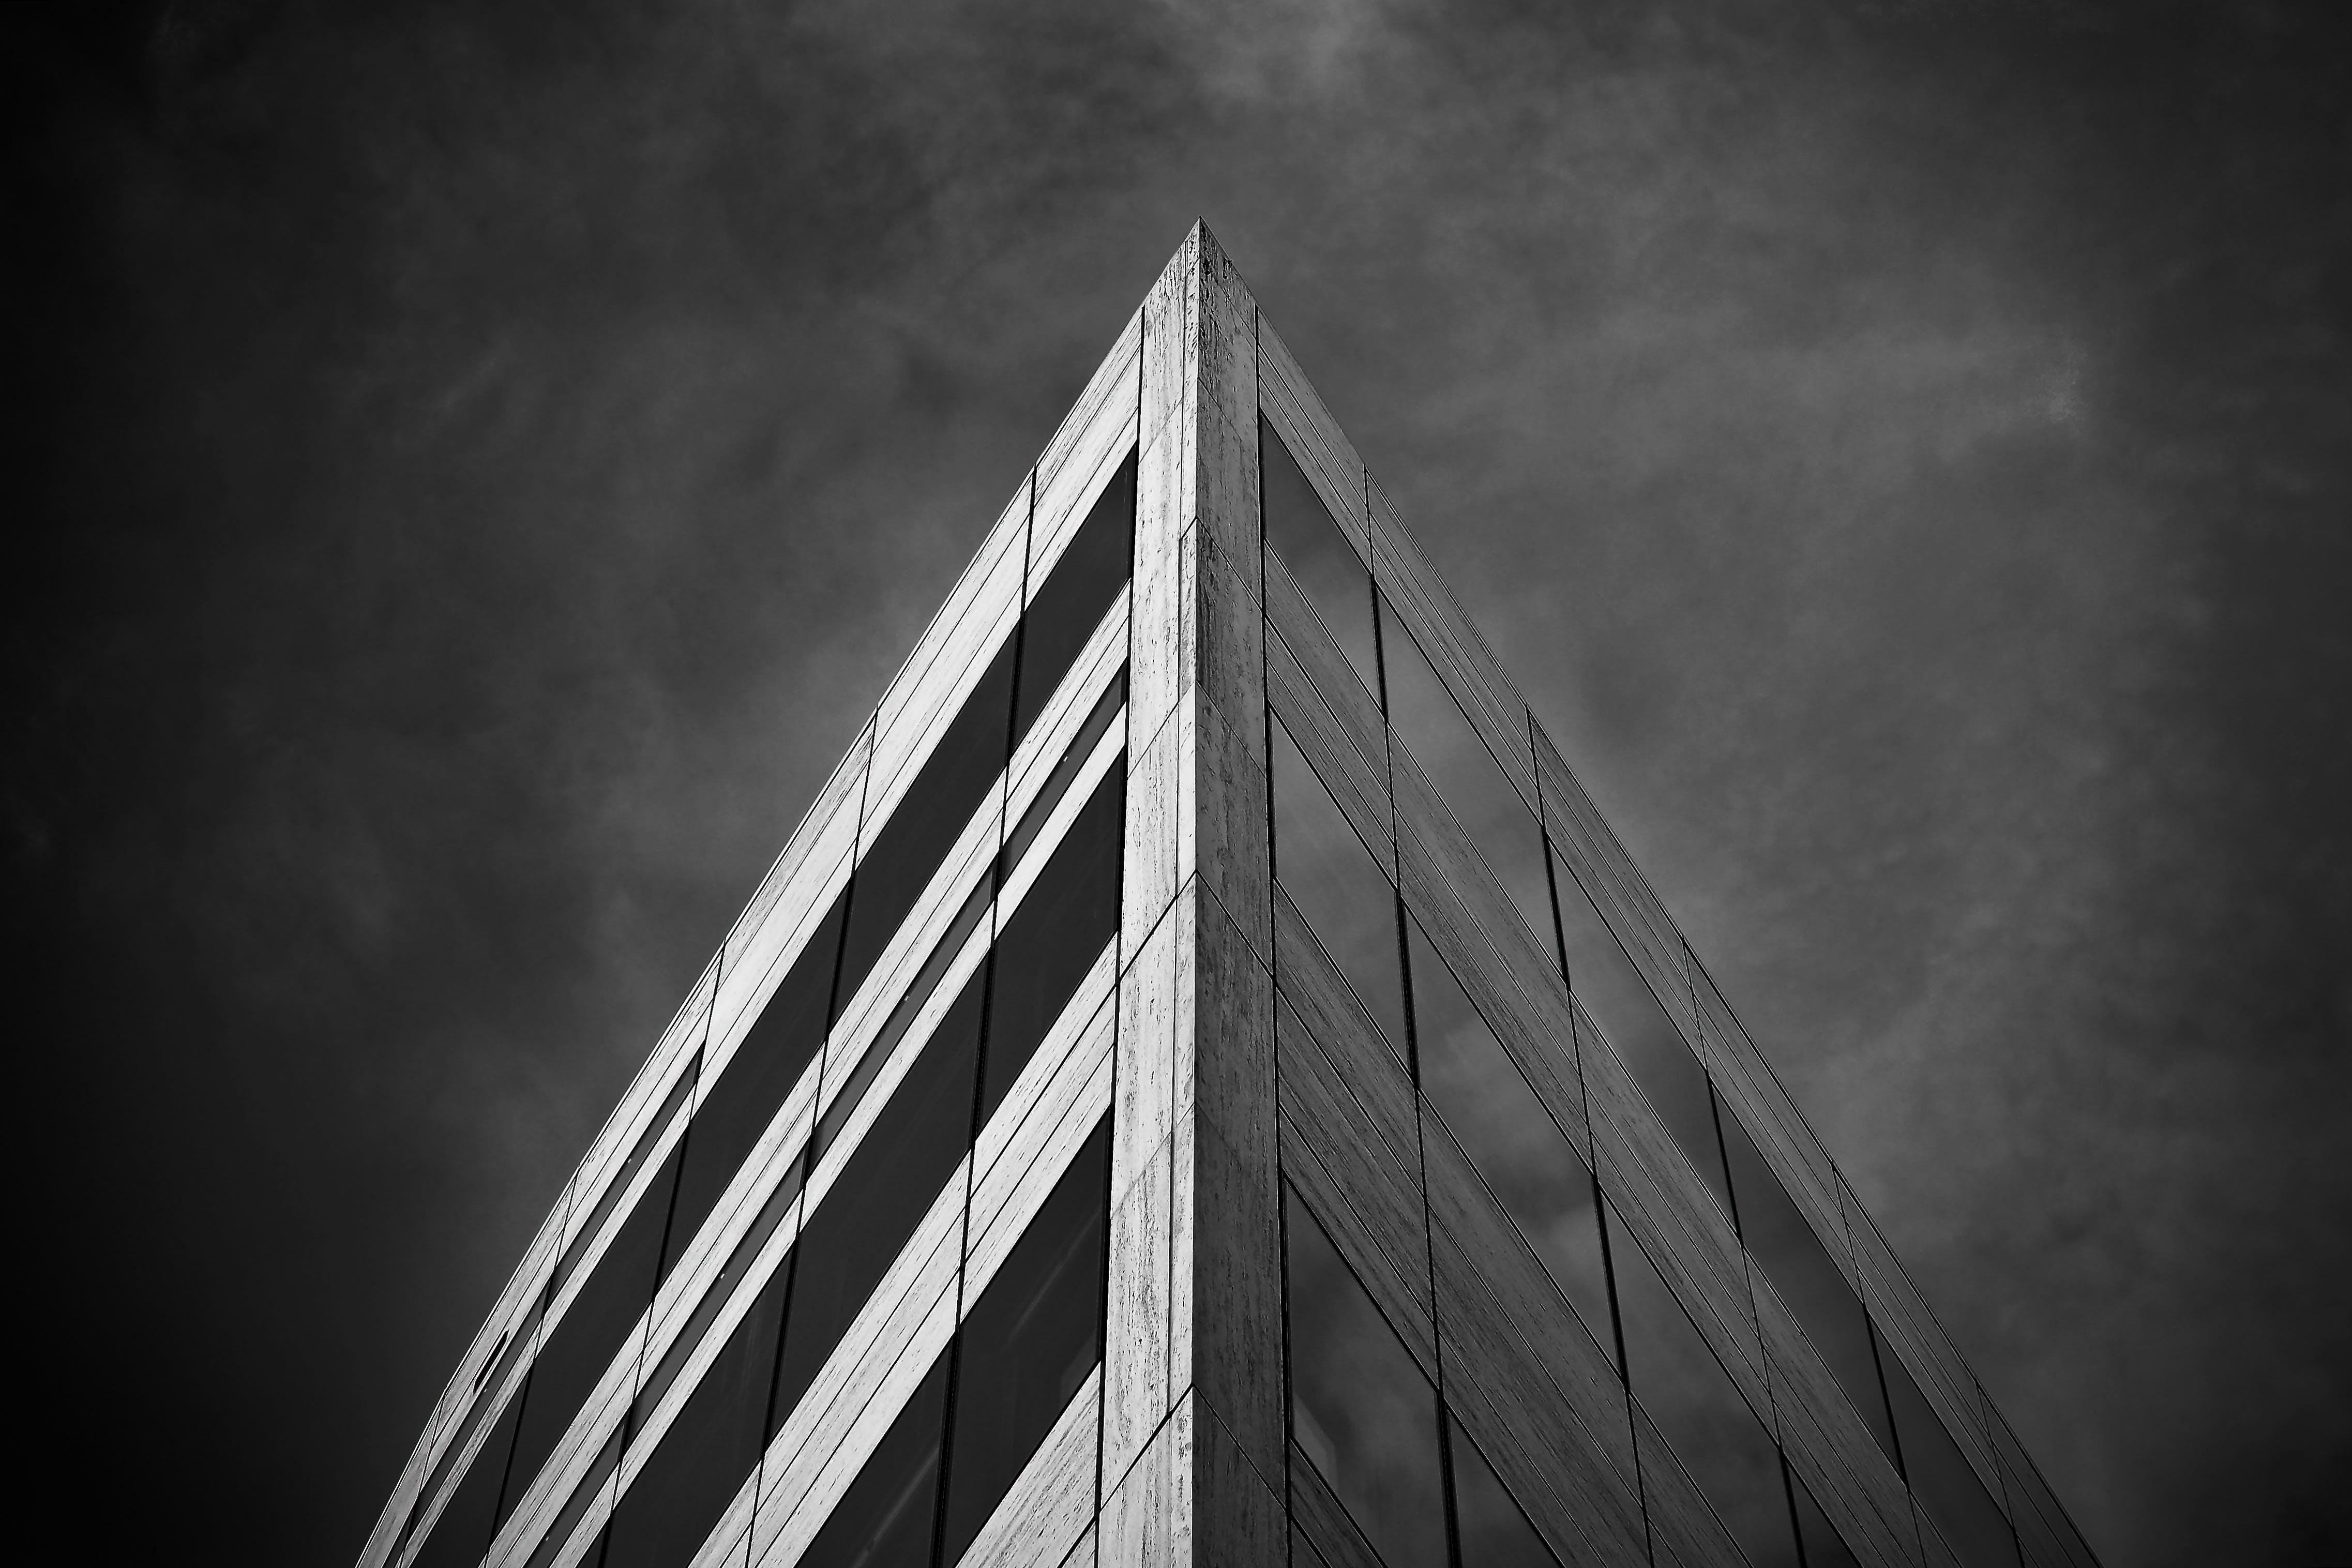 Kostenloses Stock Foto zu architektur, aufnahme von unten, büro, bürogebäude